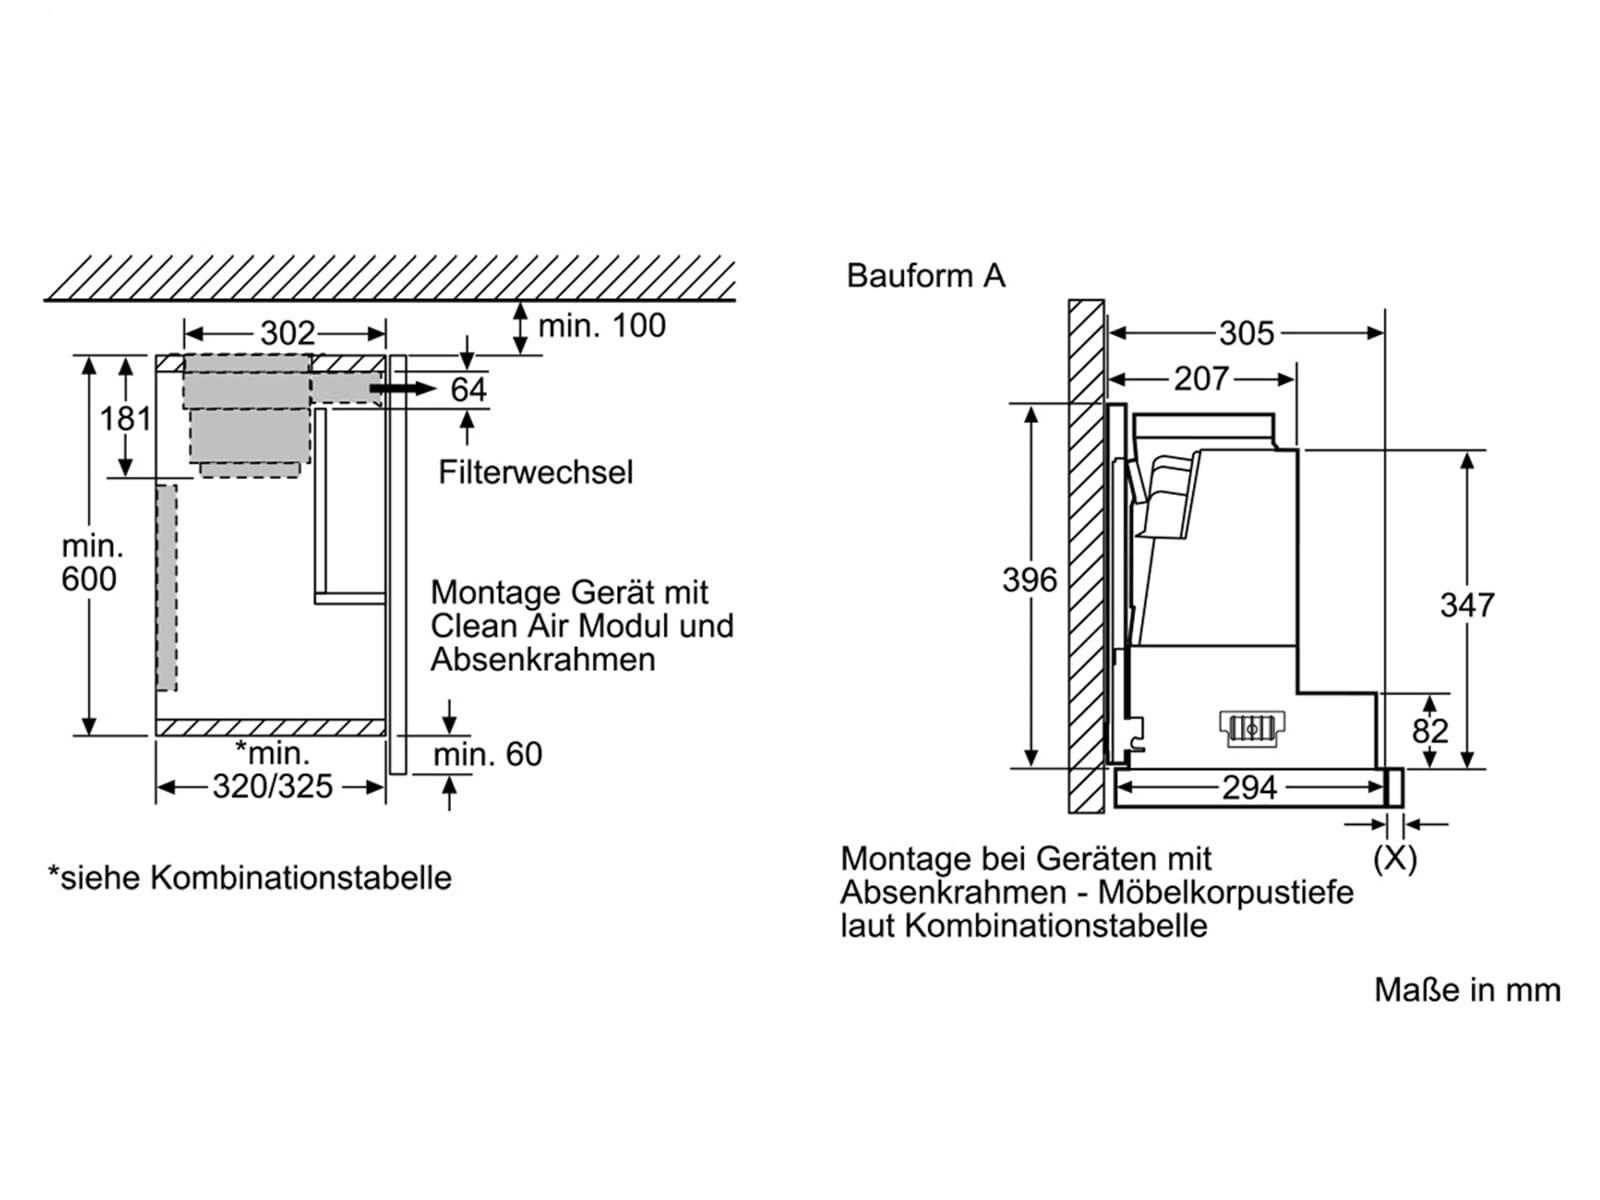 Siemens LZ49600 Absenkrahmen für Flachschirmhauben